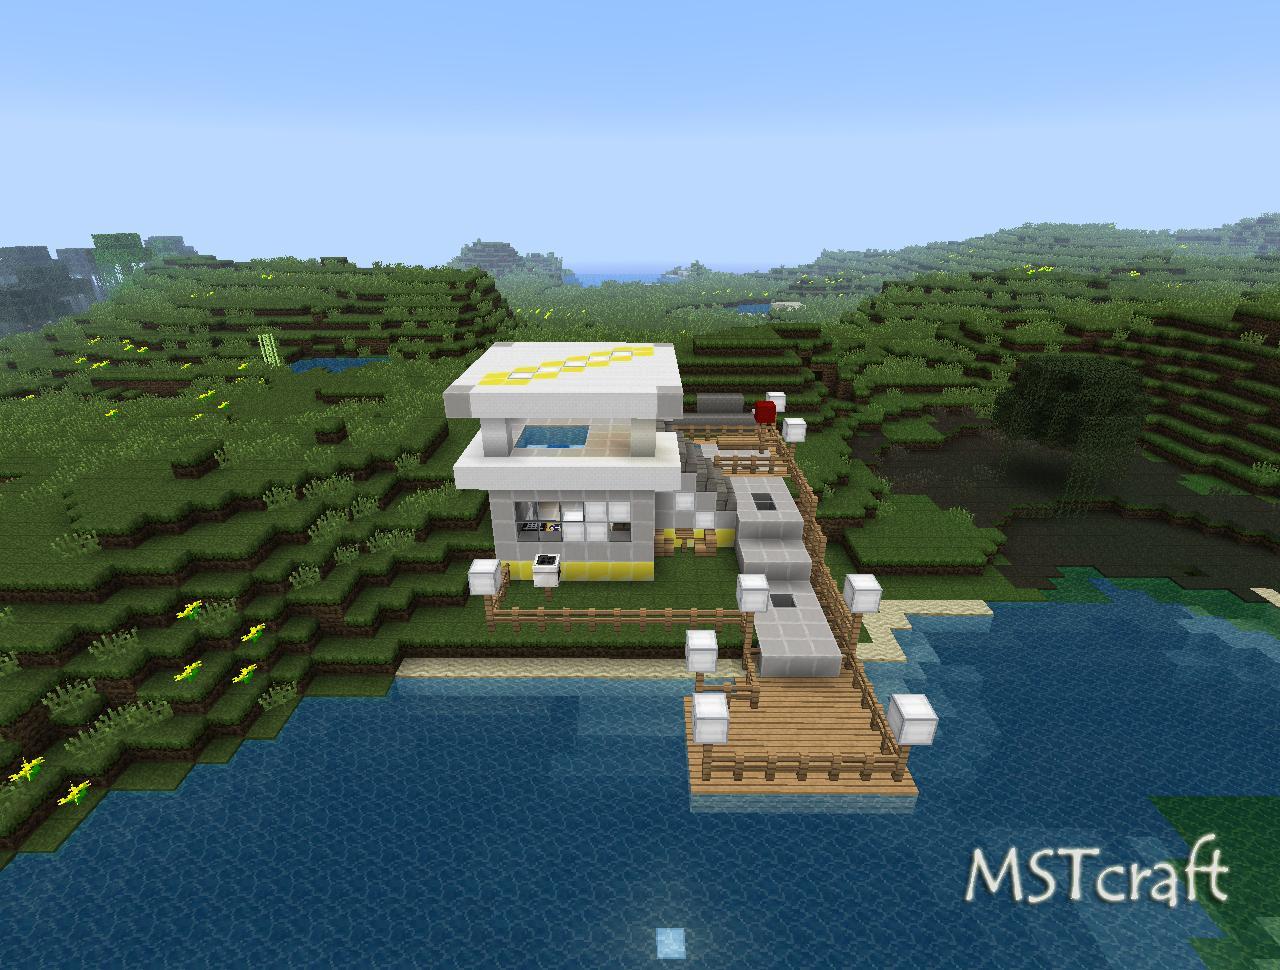 http://minecraft-forum.net/wp-content/uploads/2013/06/b0d77__MSTCraft-texture-pack-6.jpg